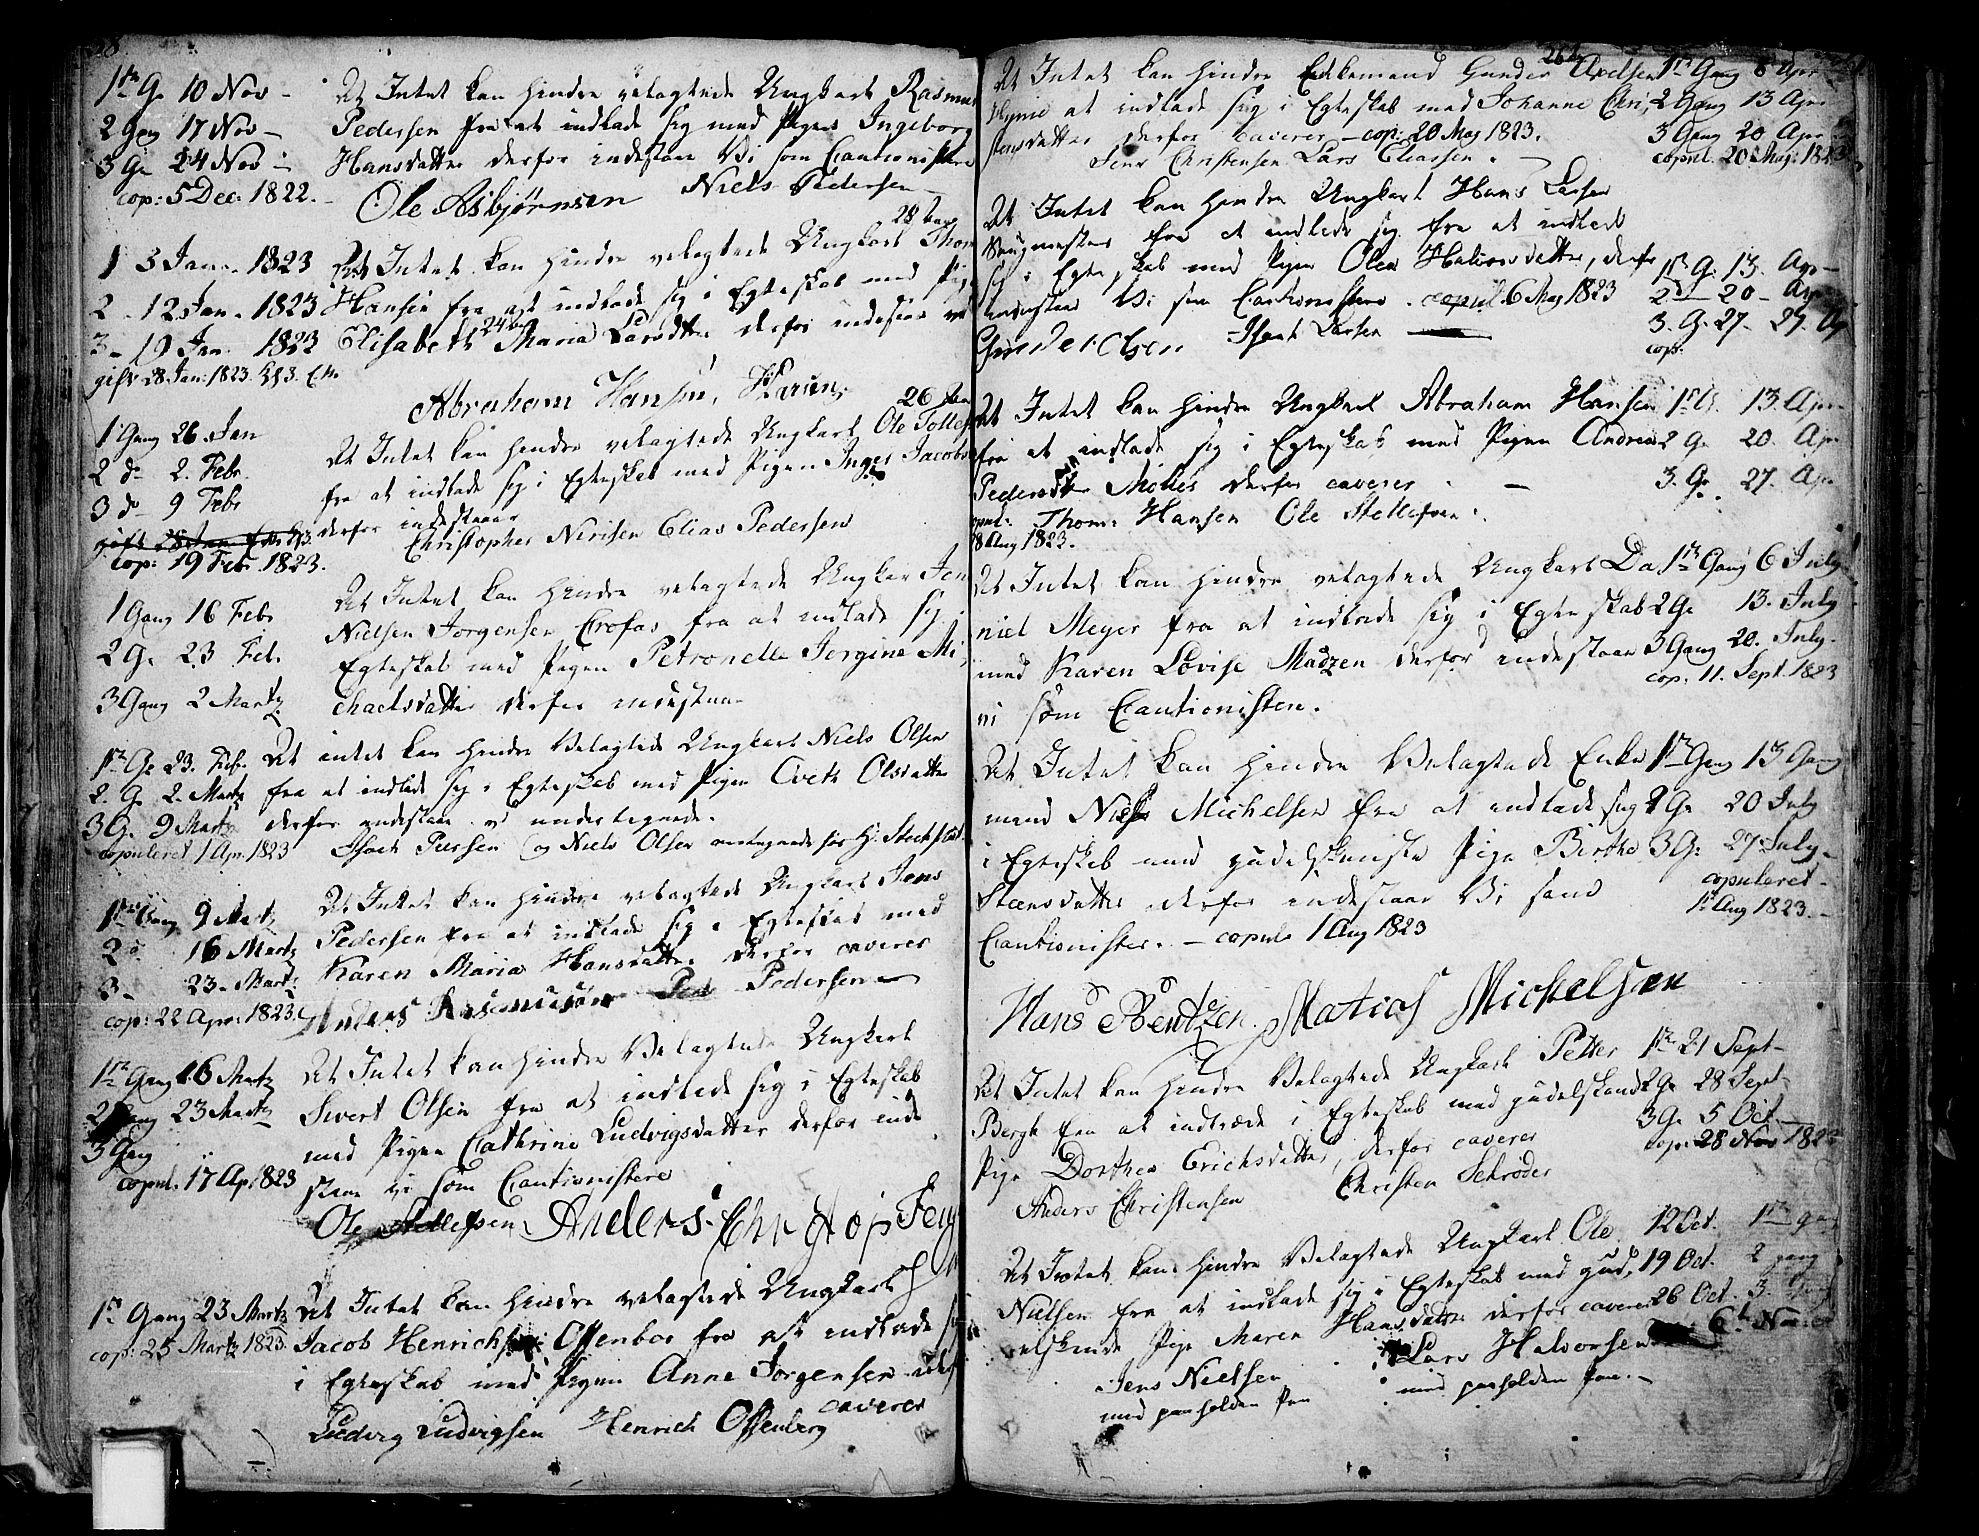 SAKO, Skien kirkebøker, F/Fa/L0004: Ministerialbok nr. 4, 1792-1814, s. 58-59